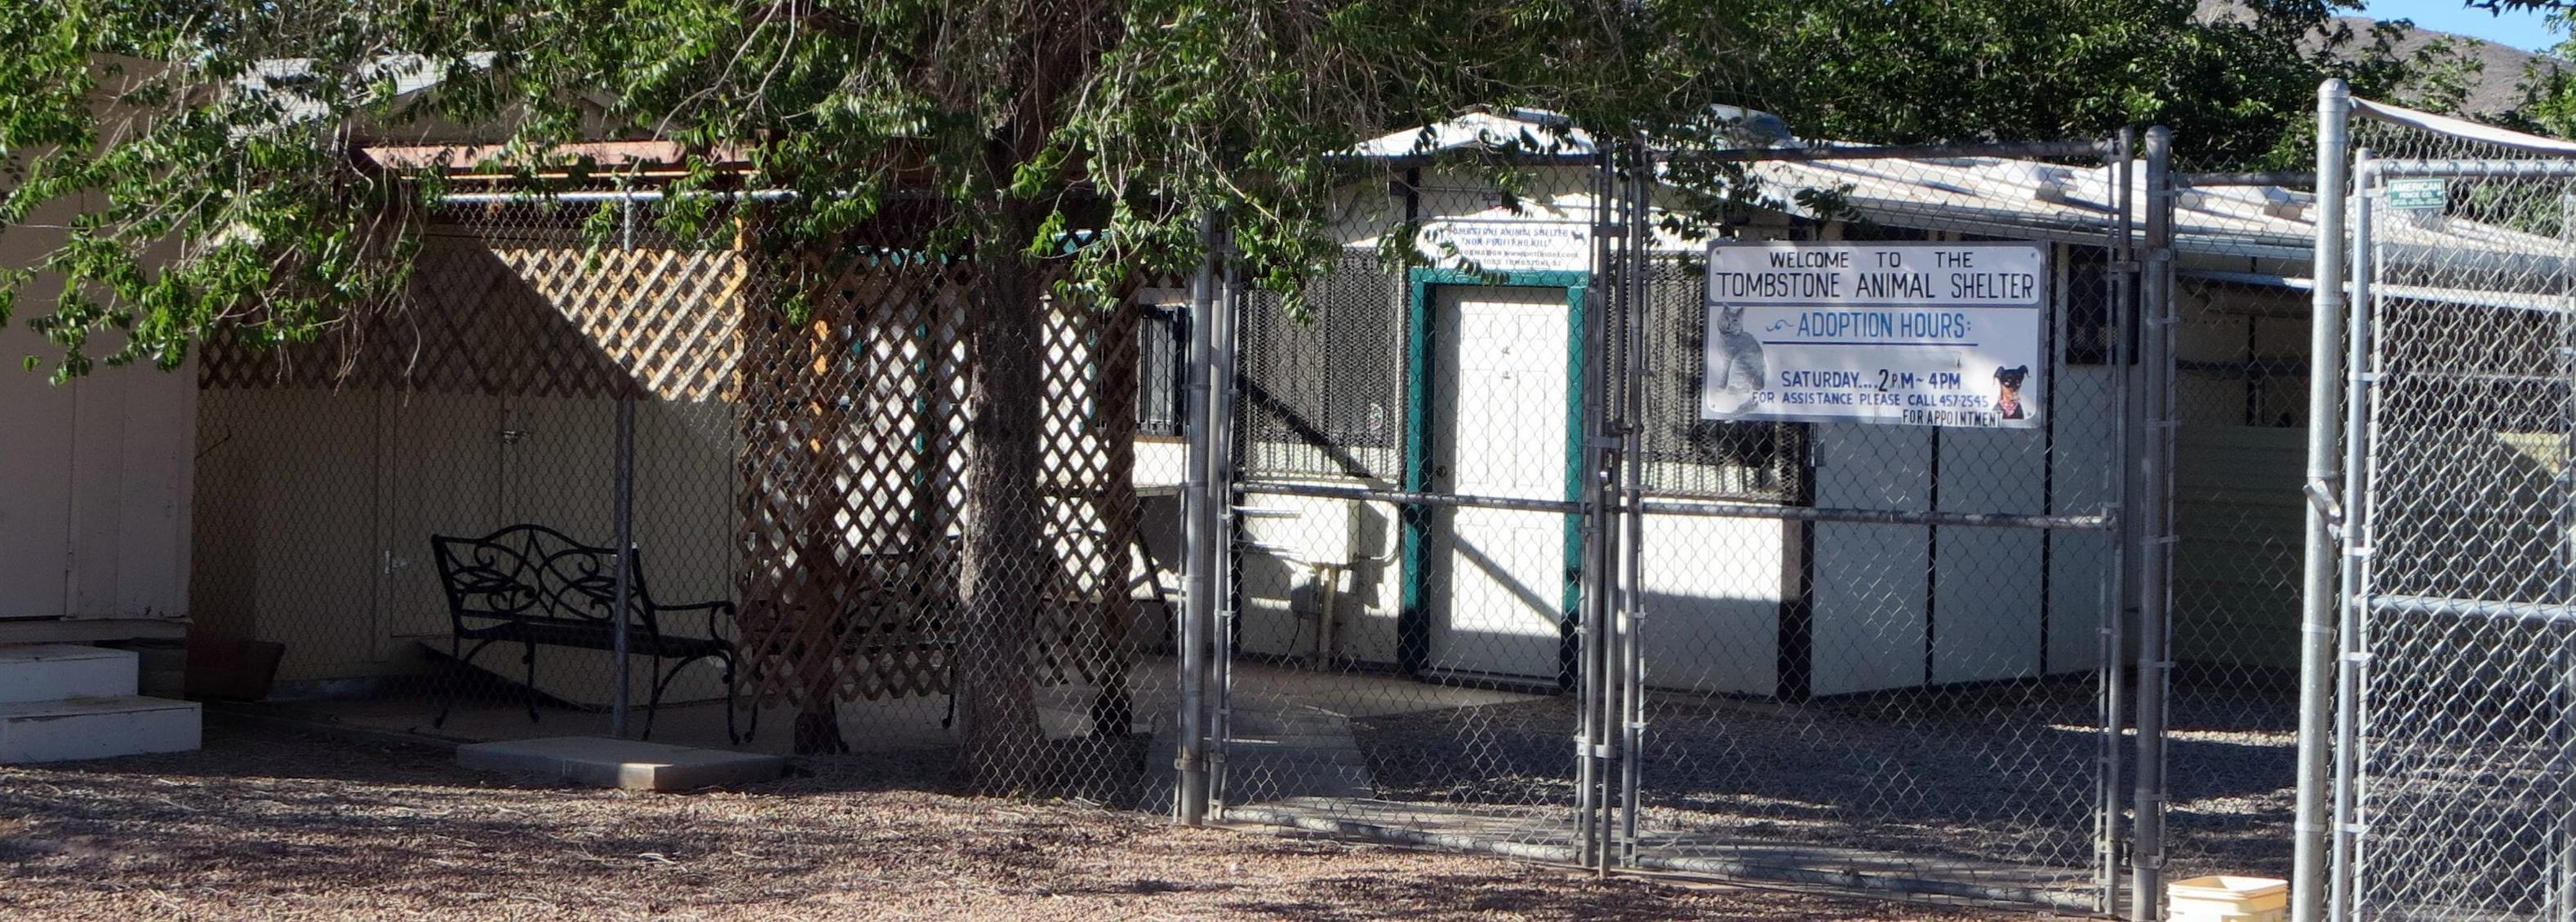 2014 Shelter